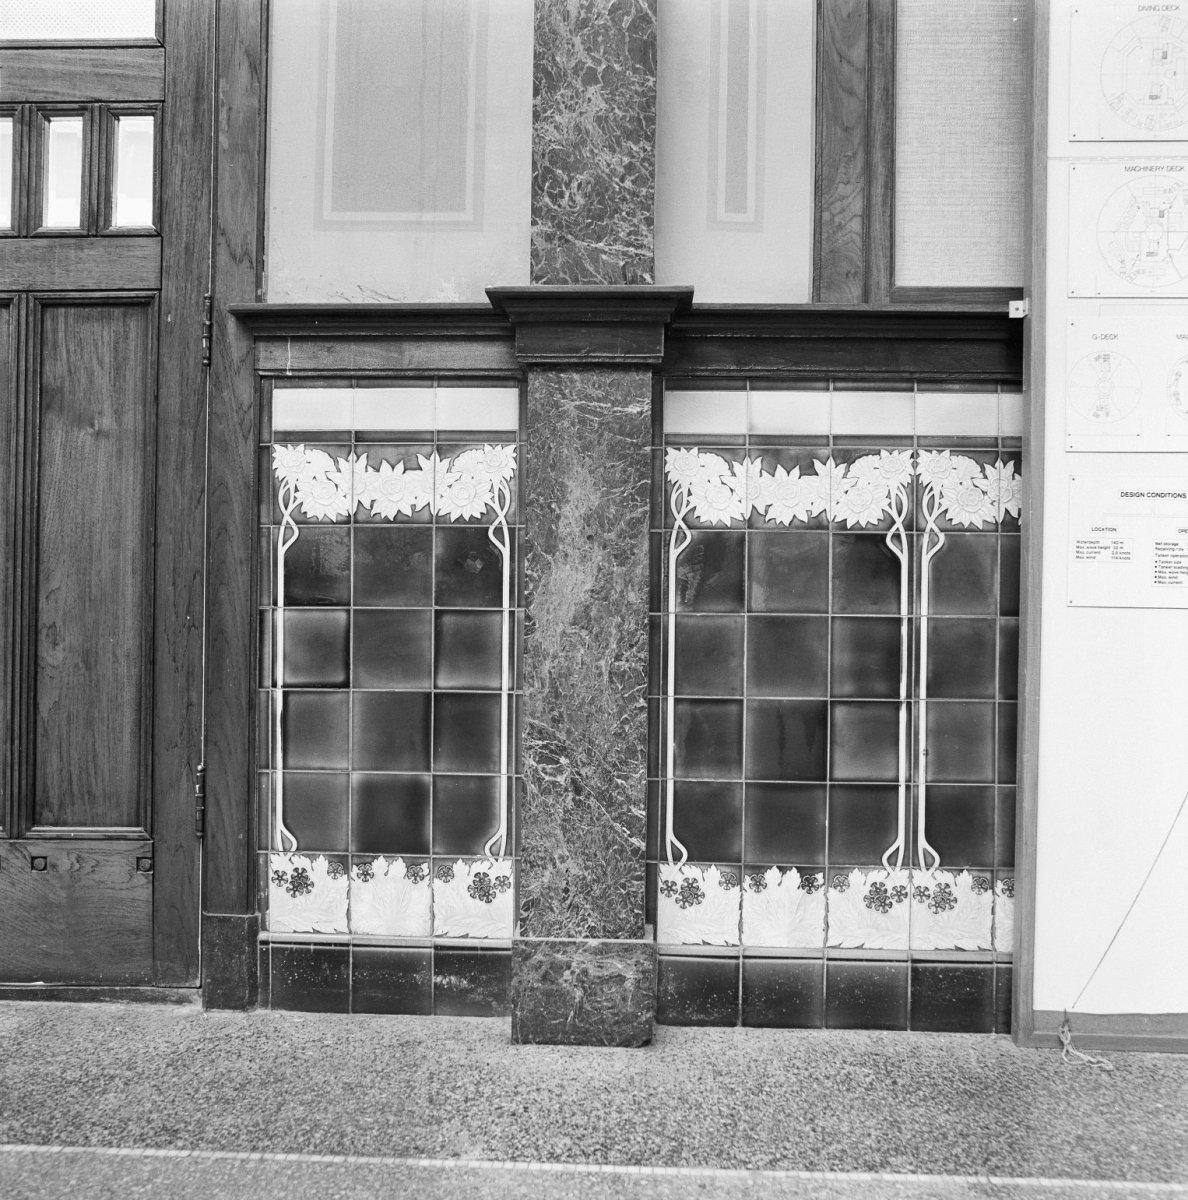 Ontvangsthal, detail van de zijwanden, die bestond uit tegels met eikenhouten afzettingen.